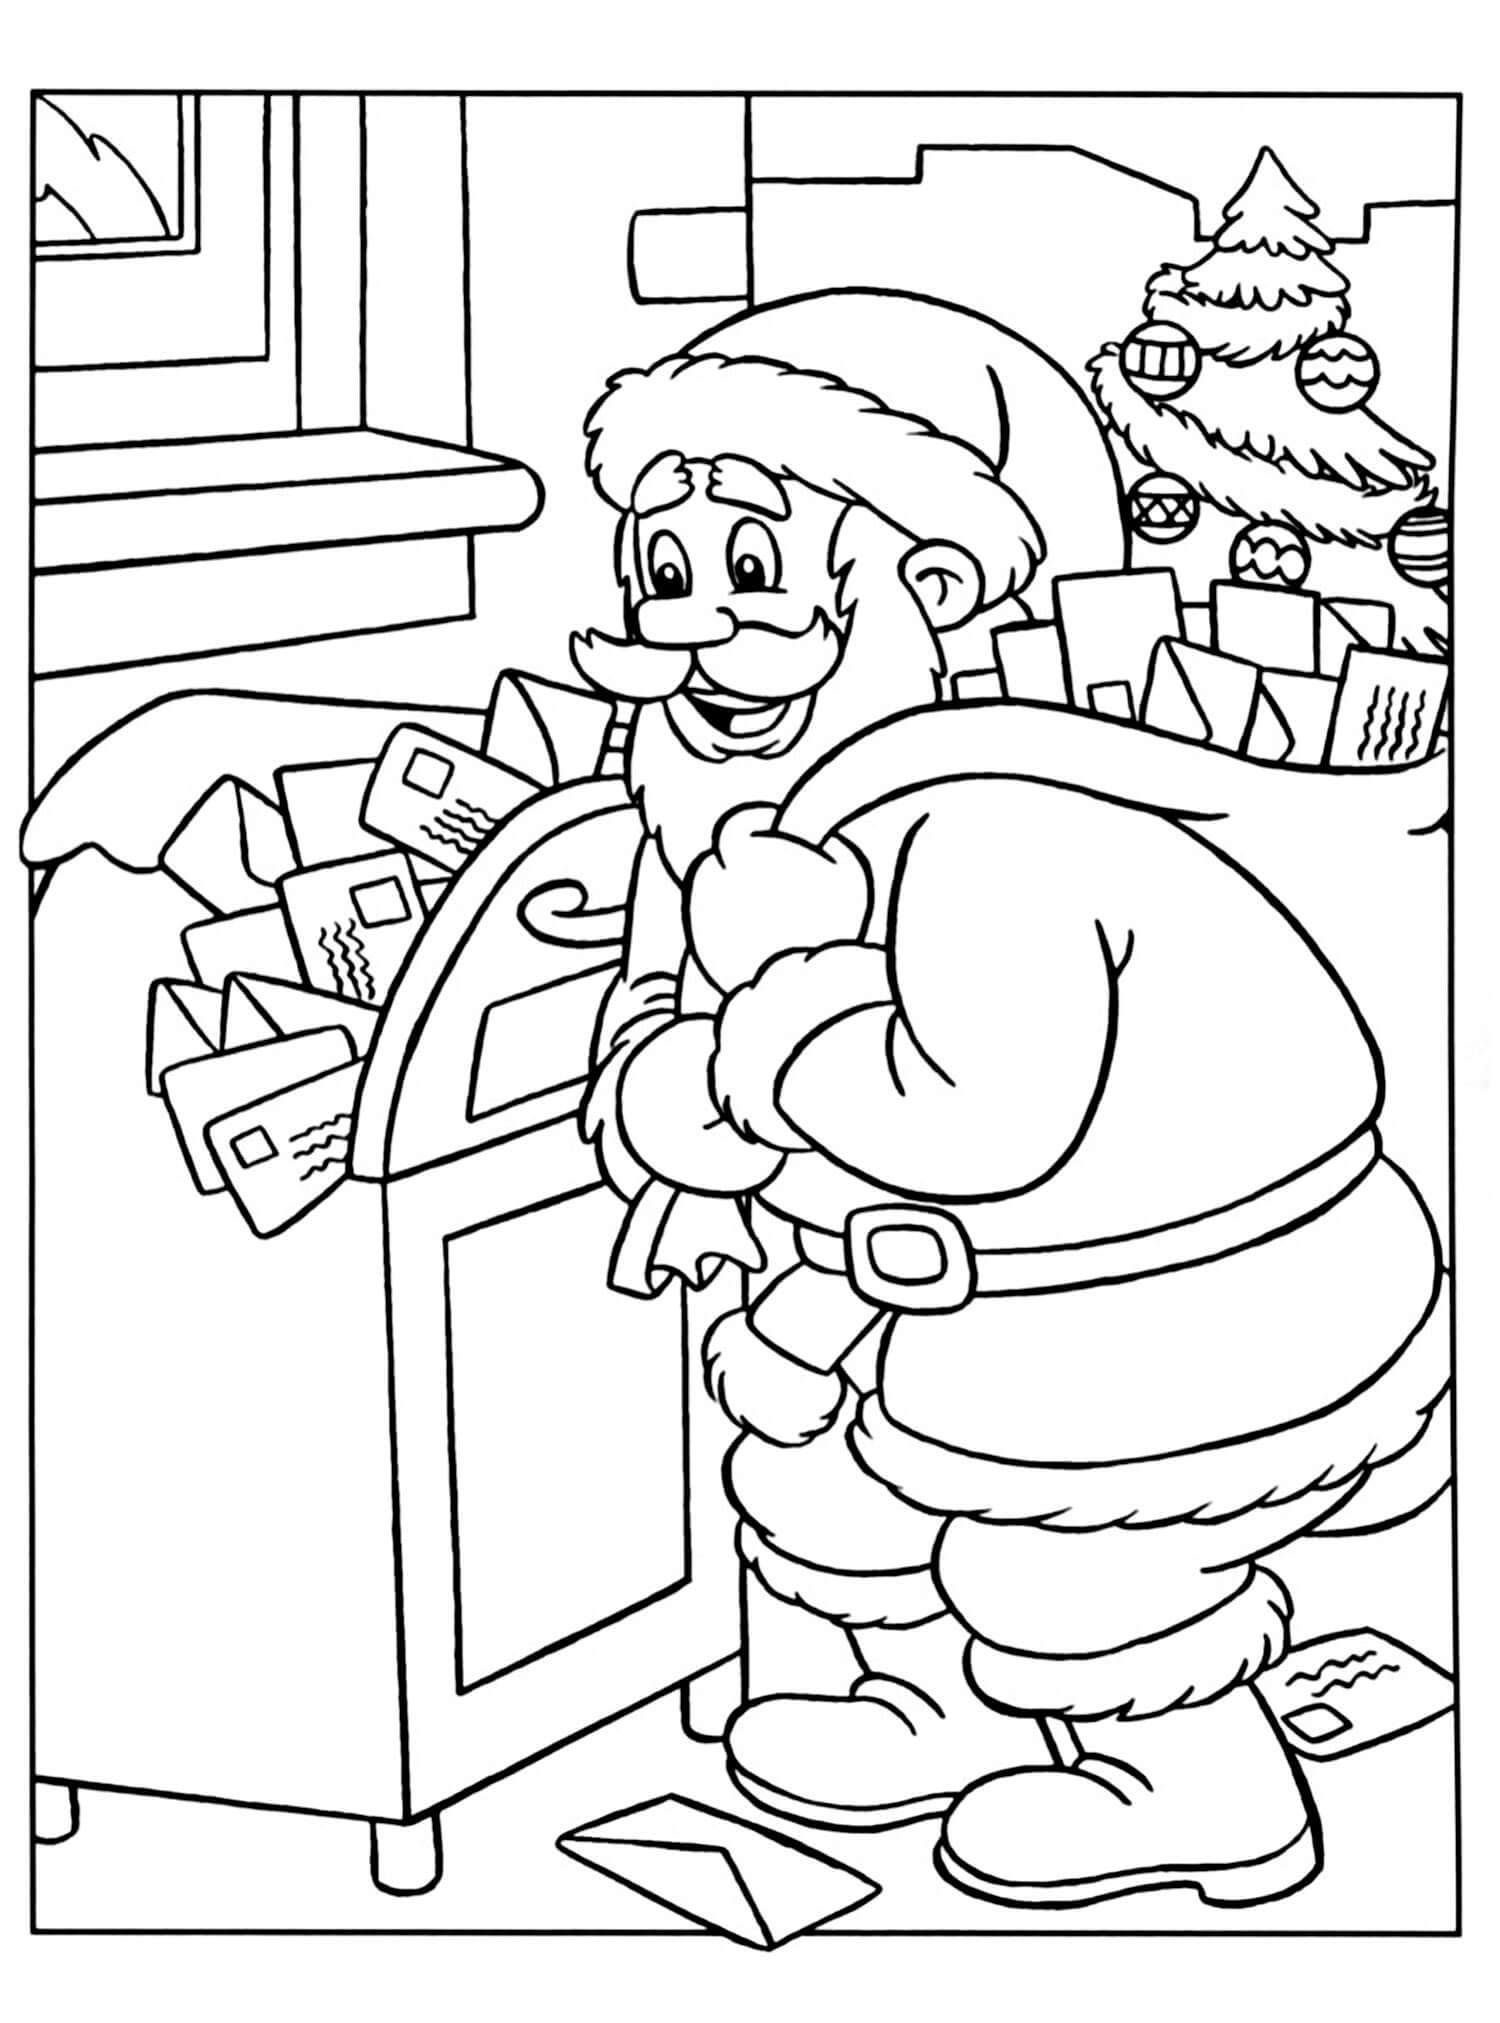 Раскраска Санта Клаус достаёт письма из почтового ящика